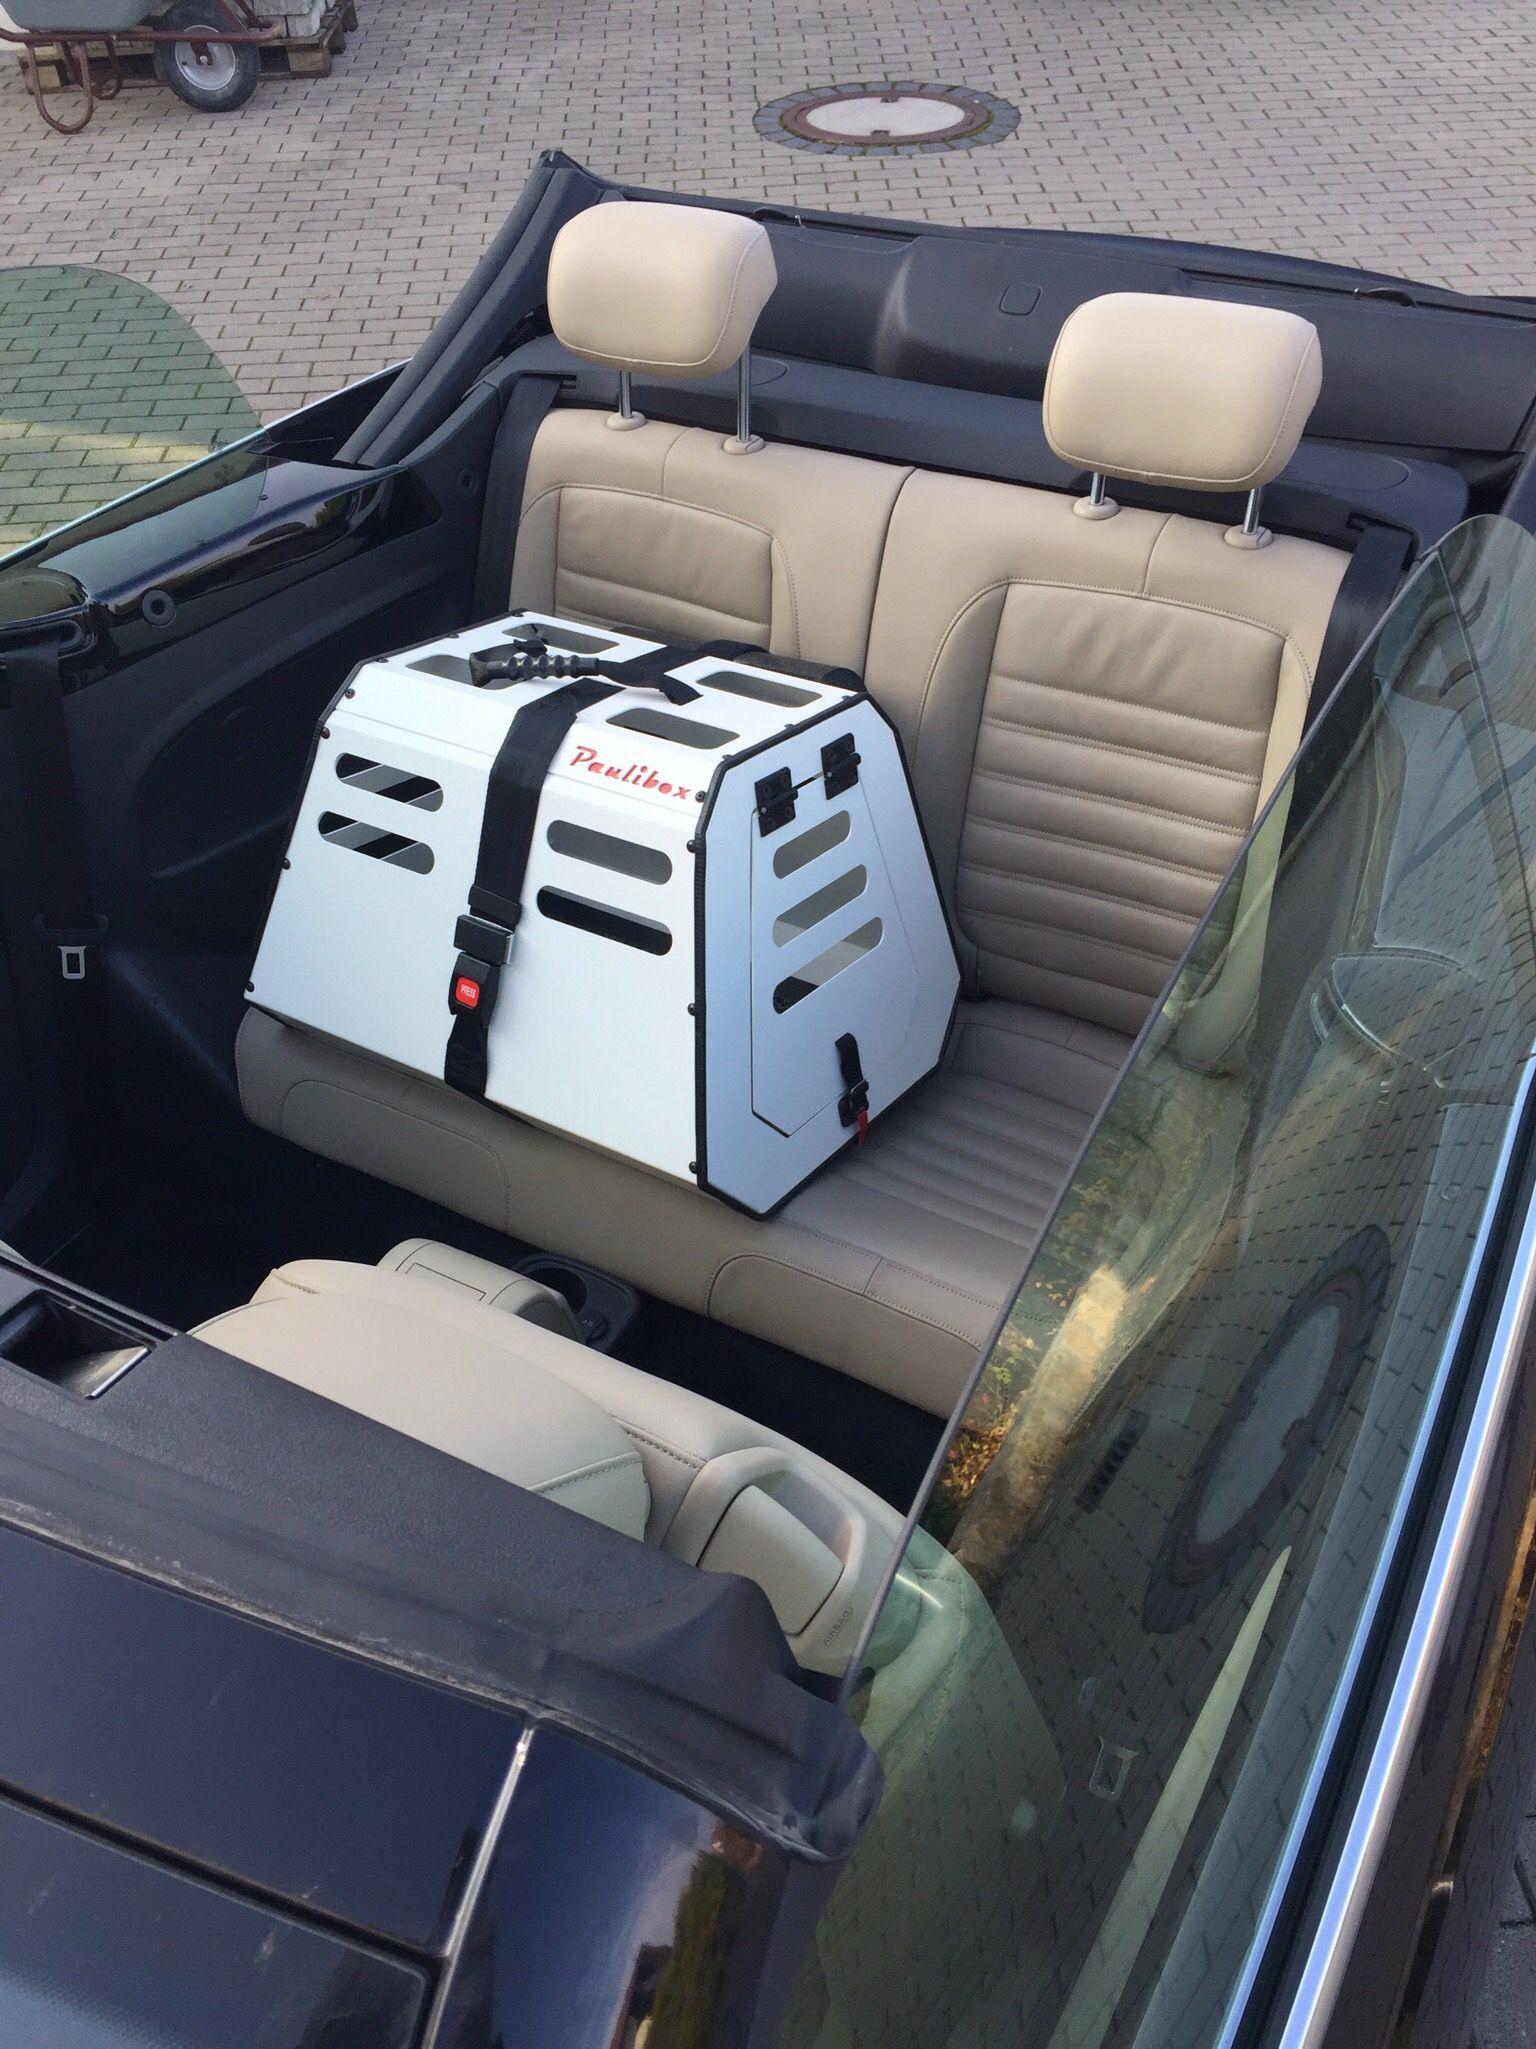 Www Paulibox De Sicher Mobil Mit Hund Im Cabrio Rucksack Fur Hunde Hundetransport Rucksitz